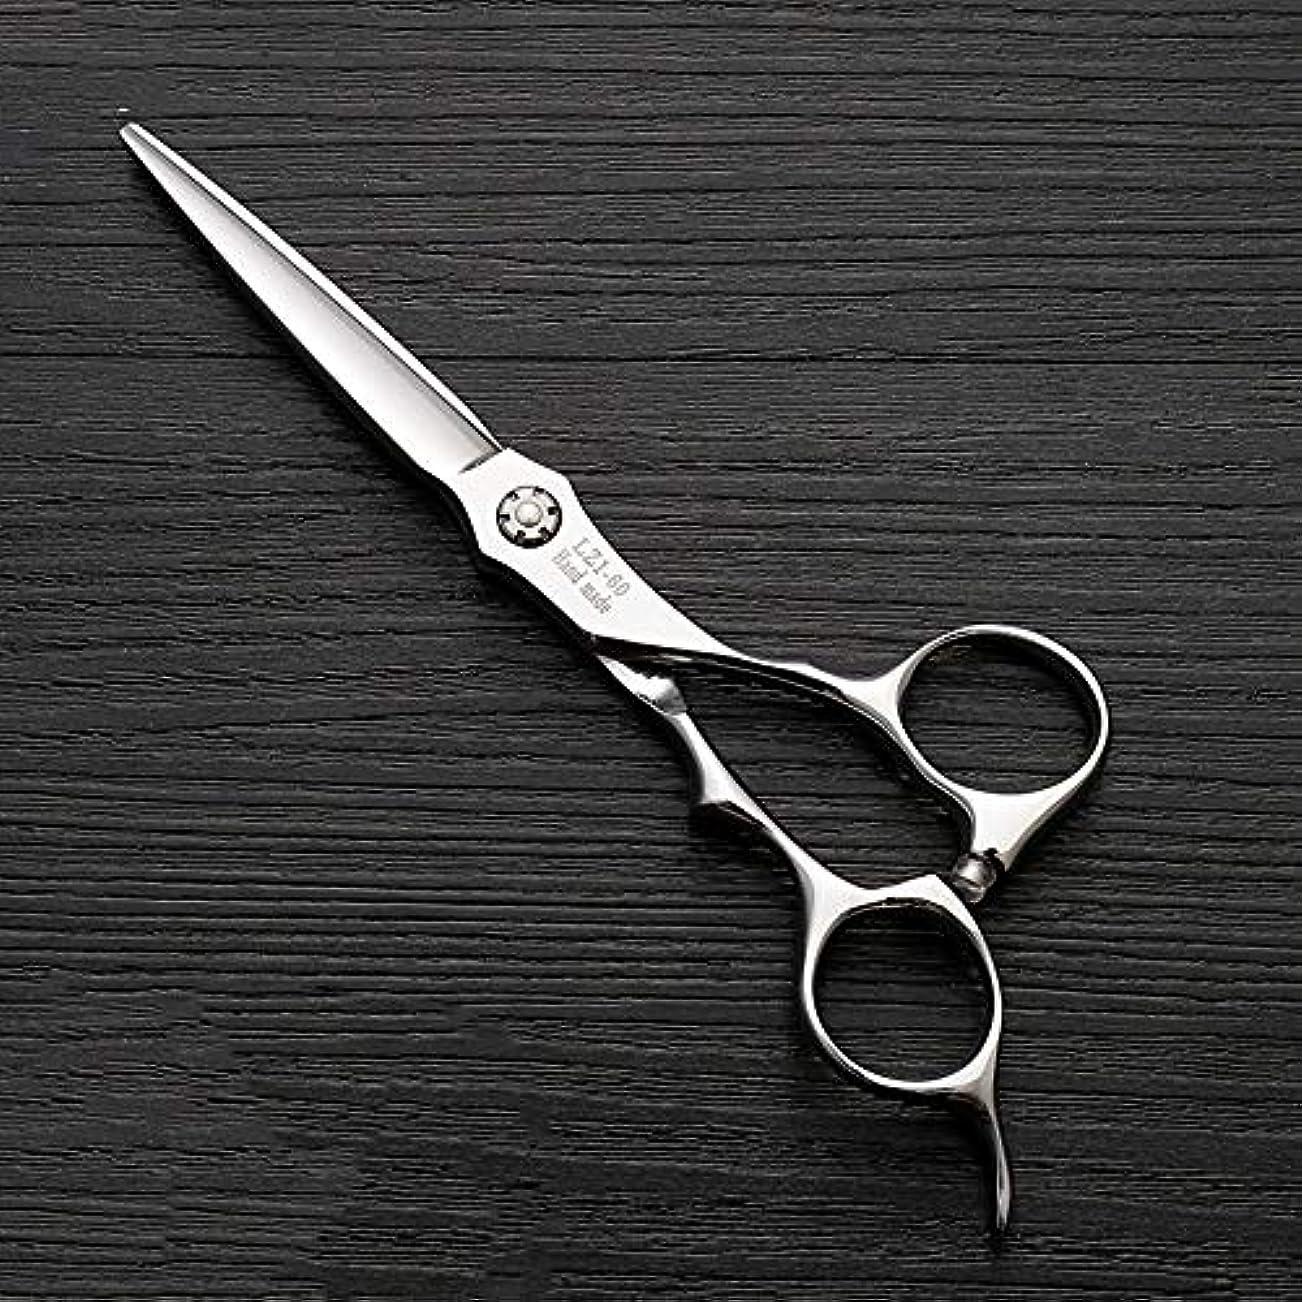 カバレッジ落ち着かないする必要がある6インチハイエンド理髪師理髪用はさみ ヘアケア (色 : Silver)